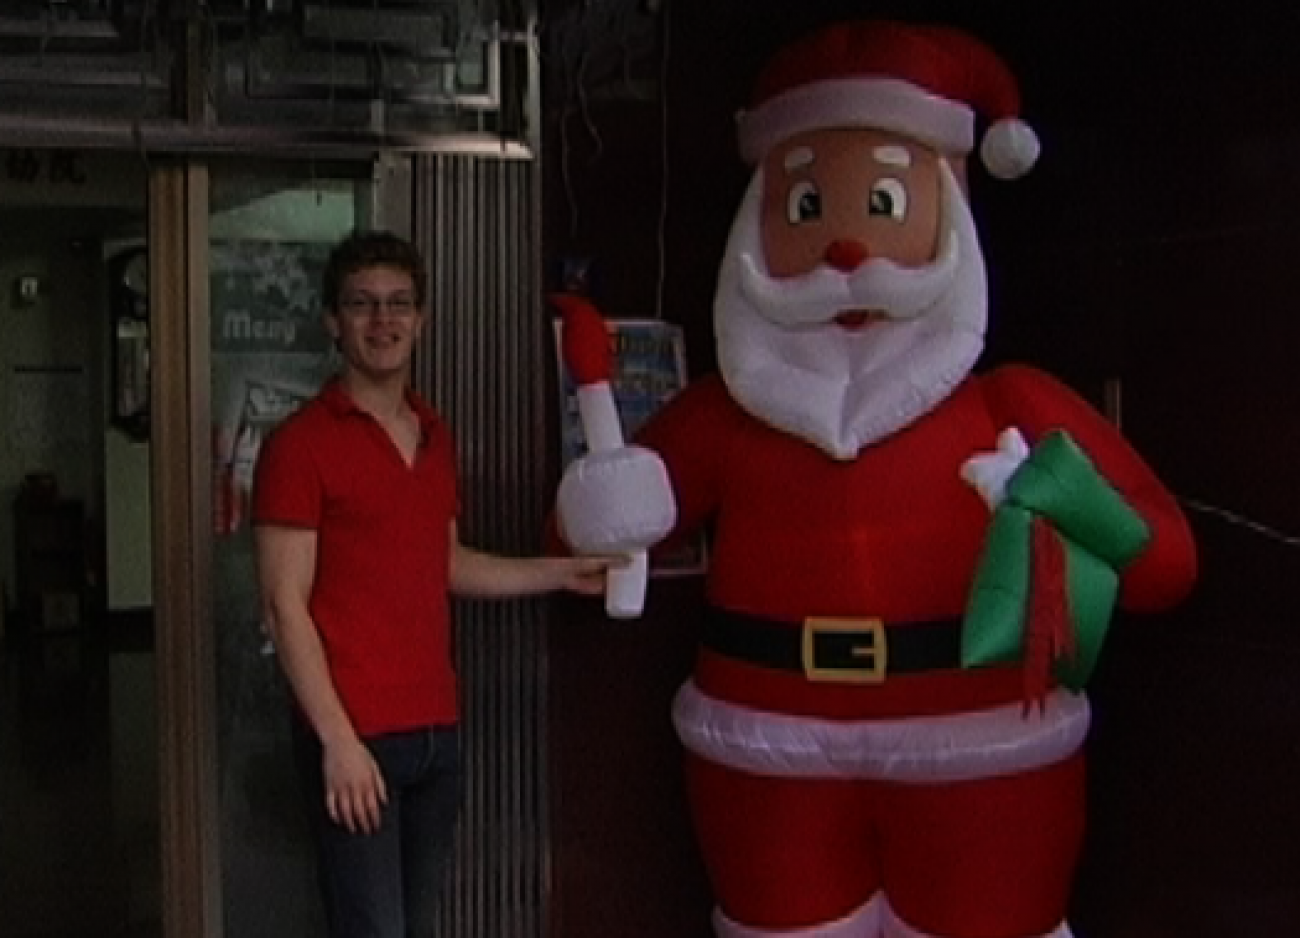 Robert Weihnachtsmann